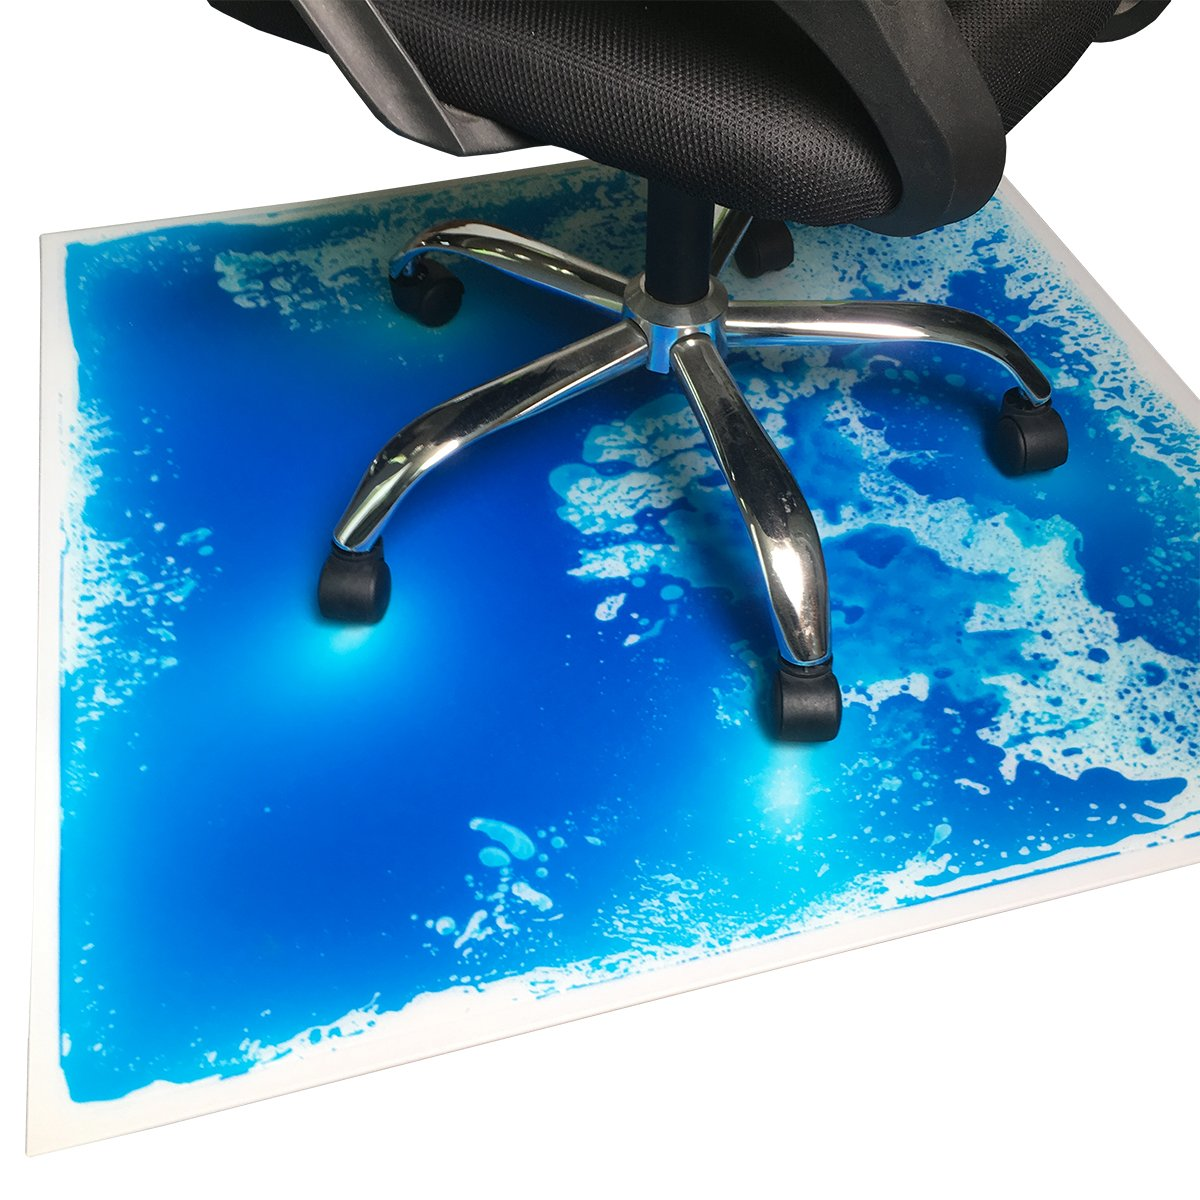 Liquid Encased Office Chair Mat for Carpet/Hardwood Floor Chair Mat, Blue